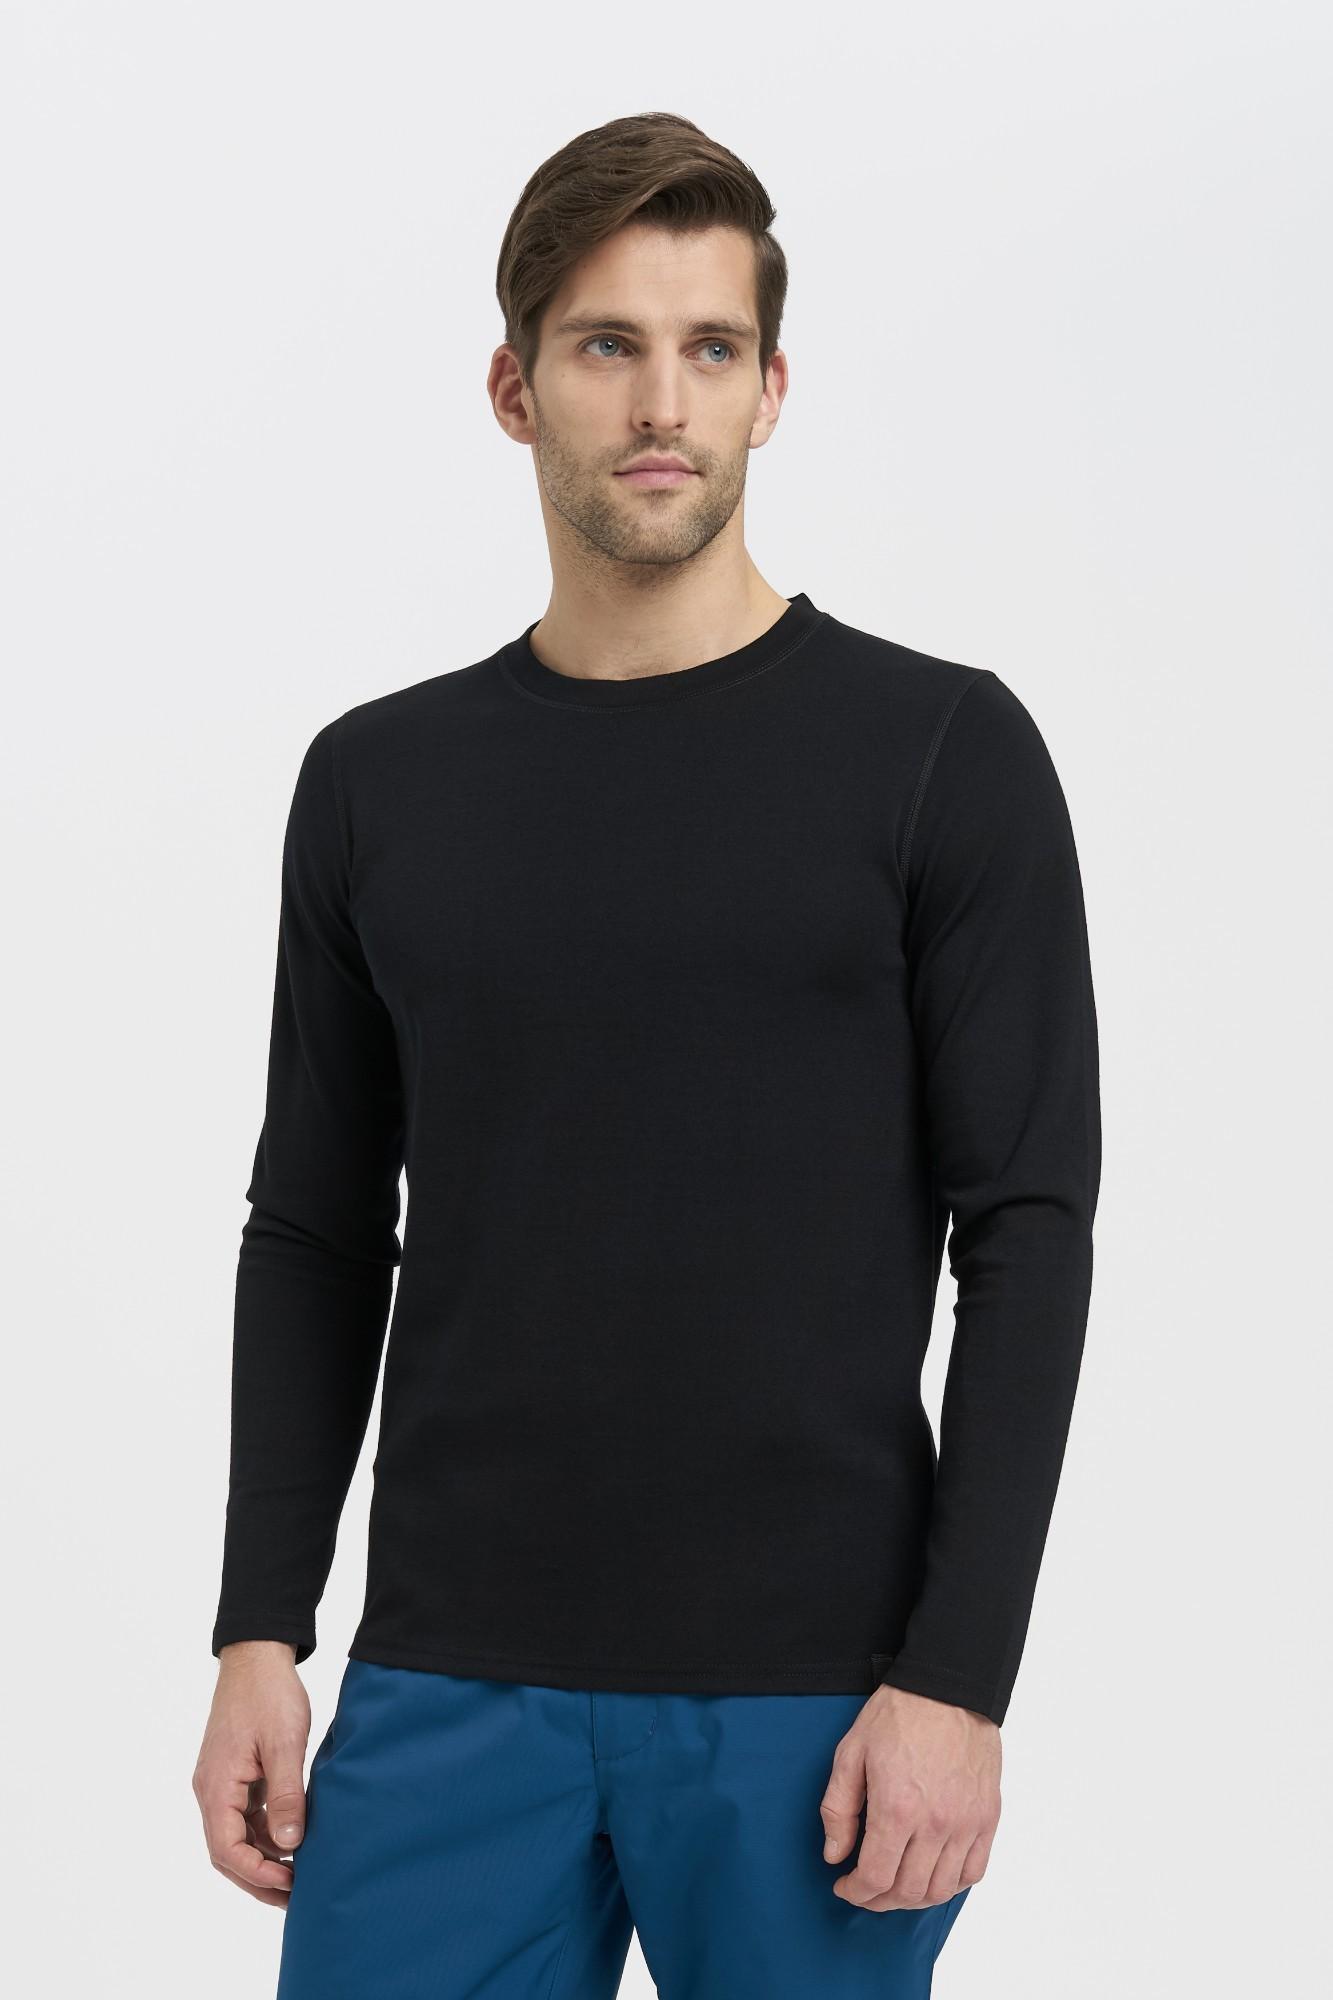 AUDIMAS Marškinėliai 1921-458 Black S